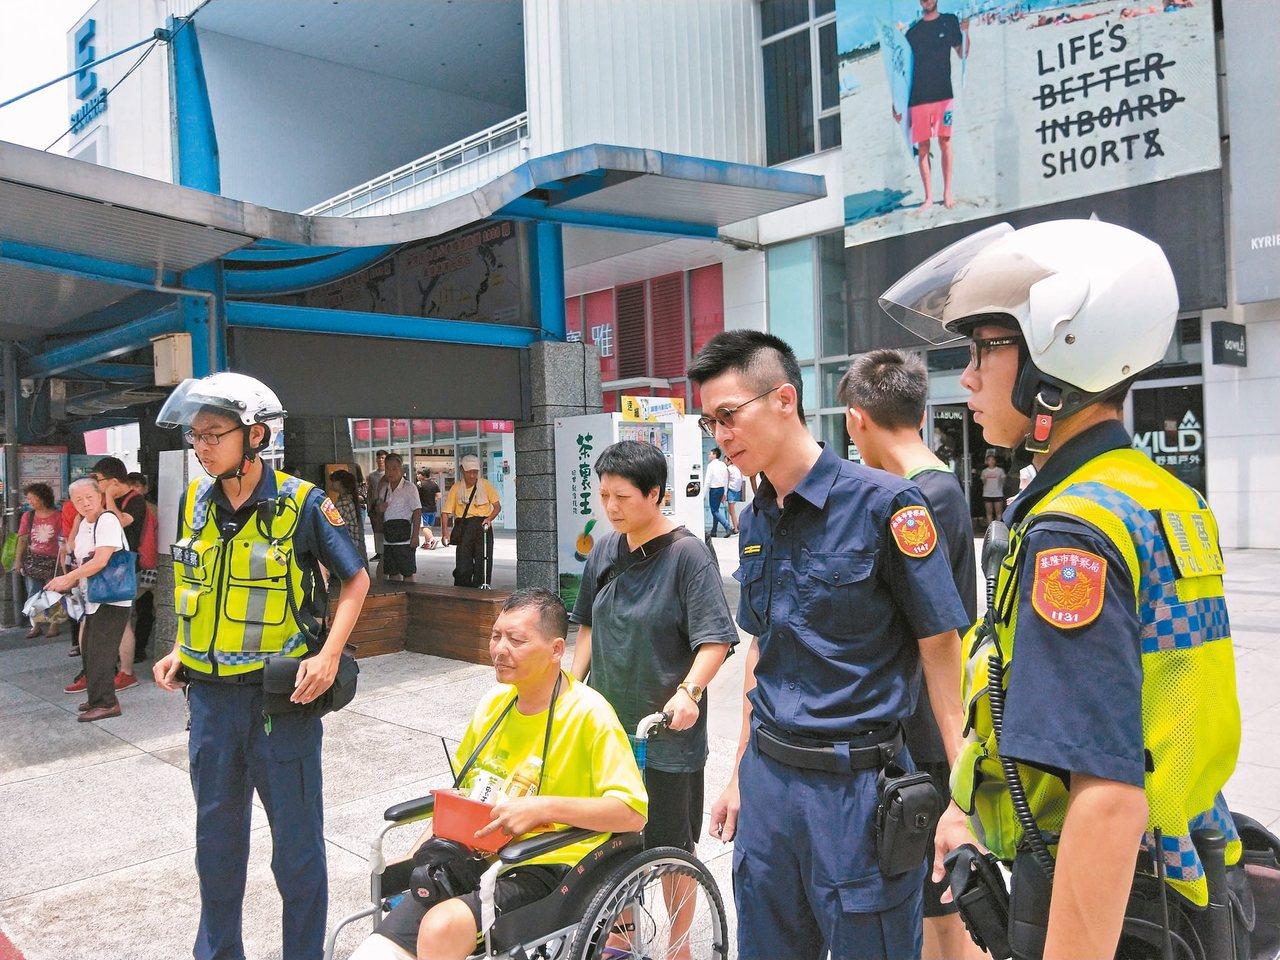 黃姓街頭藝人右腳甫截肢,現靠輪椅代步,昨天卻遭搶四十元銅板。 記者游明煌/攝影